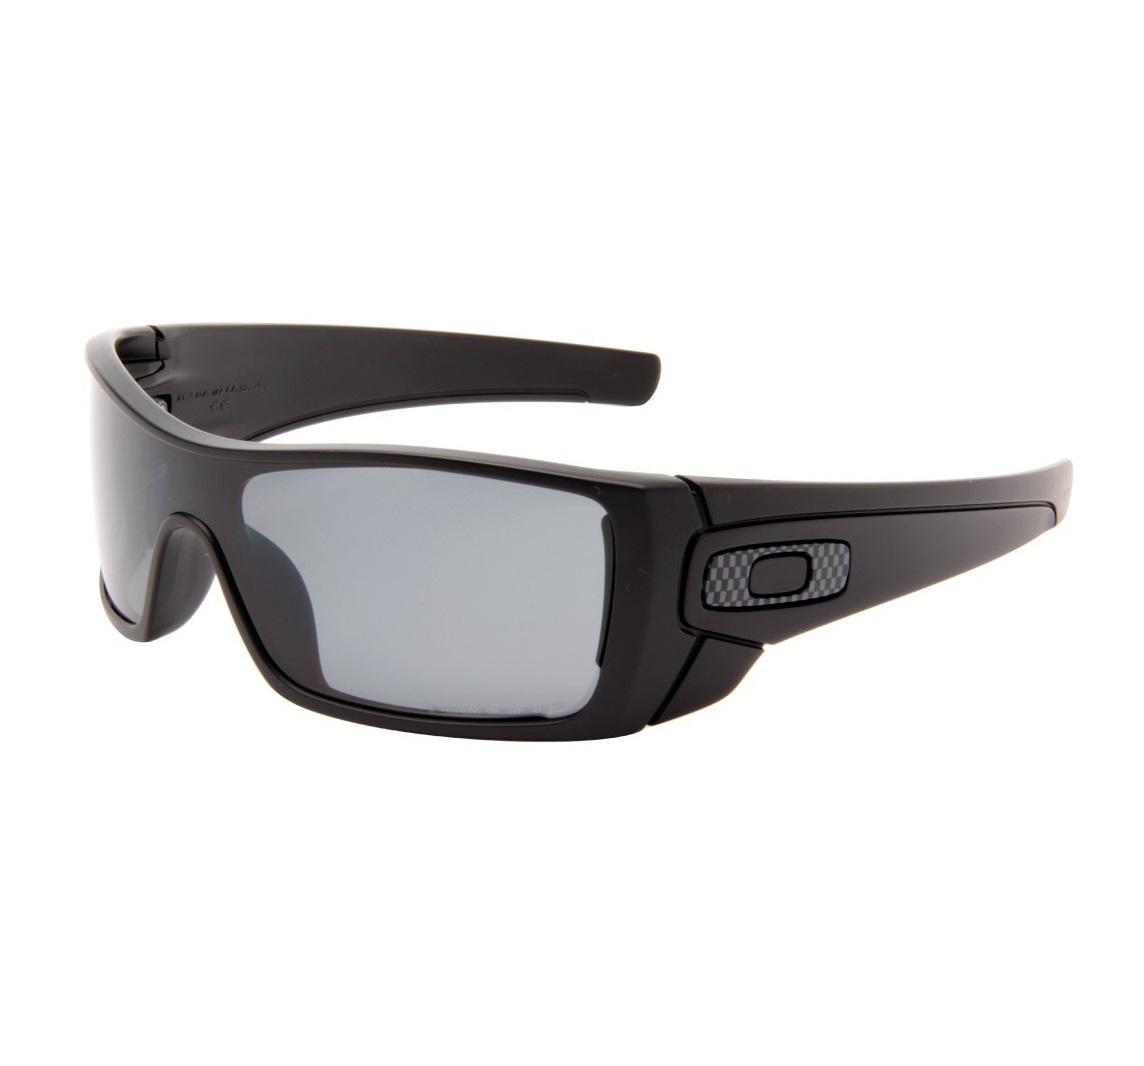 ... Oakley Batwolf Polarizado Oo9101-04 Óculos de Sol. 🔍. Adicionar aos  favoritos ed3d92c891